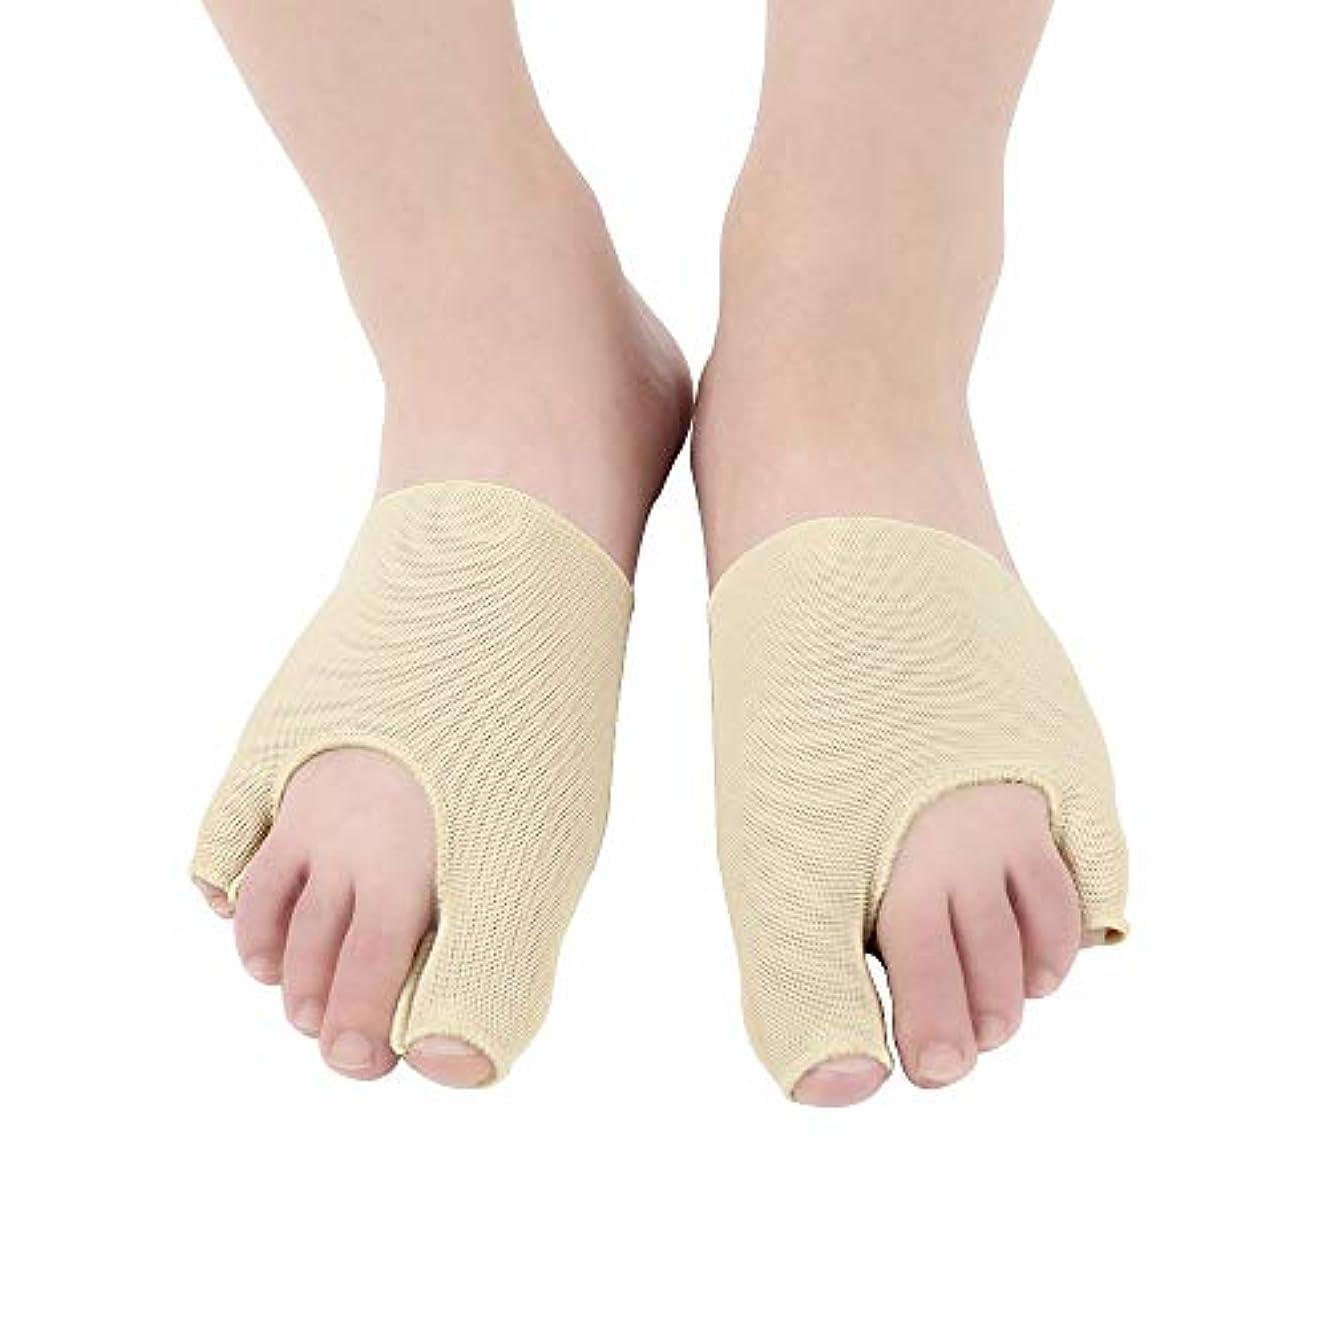 パイ生むトーン高弾性のためのつま先補正靴下ケア厚手のダンピング吸収汗通気性ナイロン布をつま先外反の重複を防ぐために吸収,2pairs,S